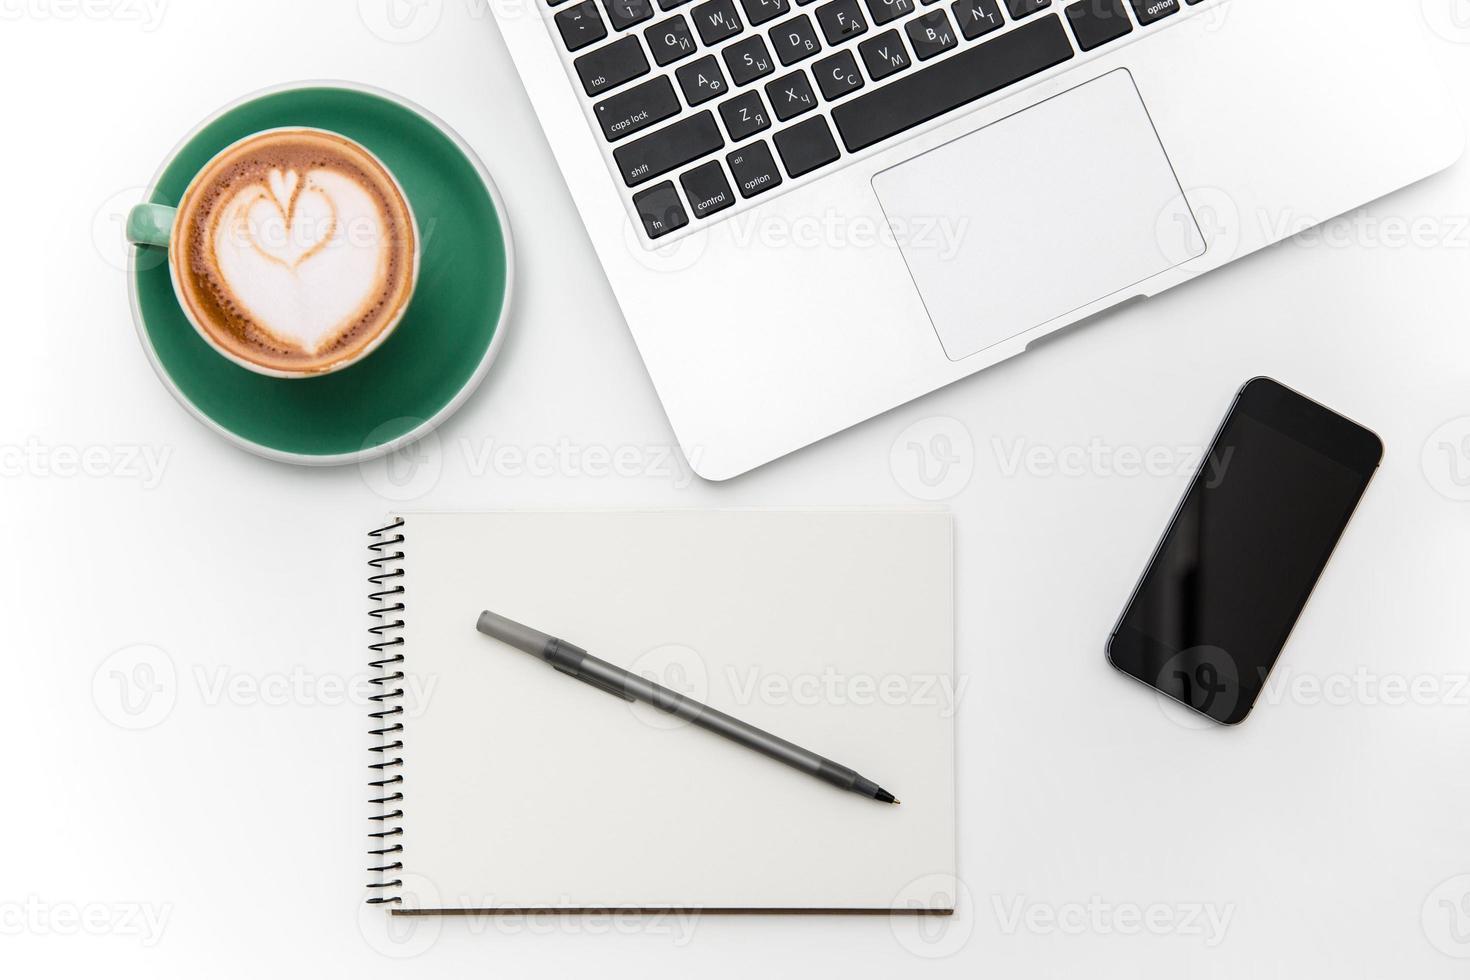 Laptop, Handy mit leerem Bildschirm, Tasse Kaffee, Notizblock und Stift foto